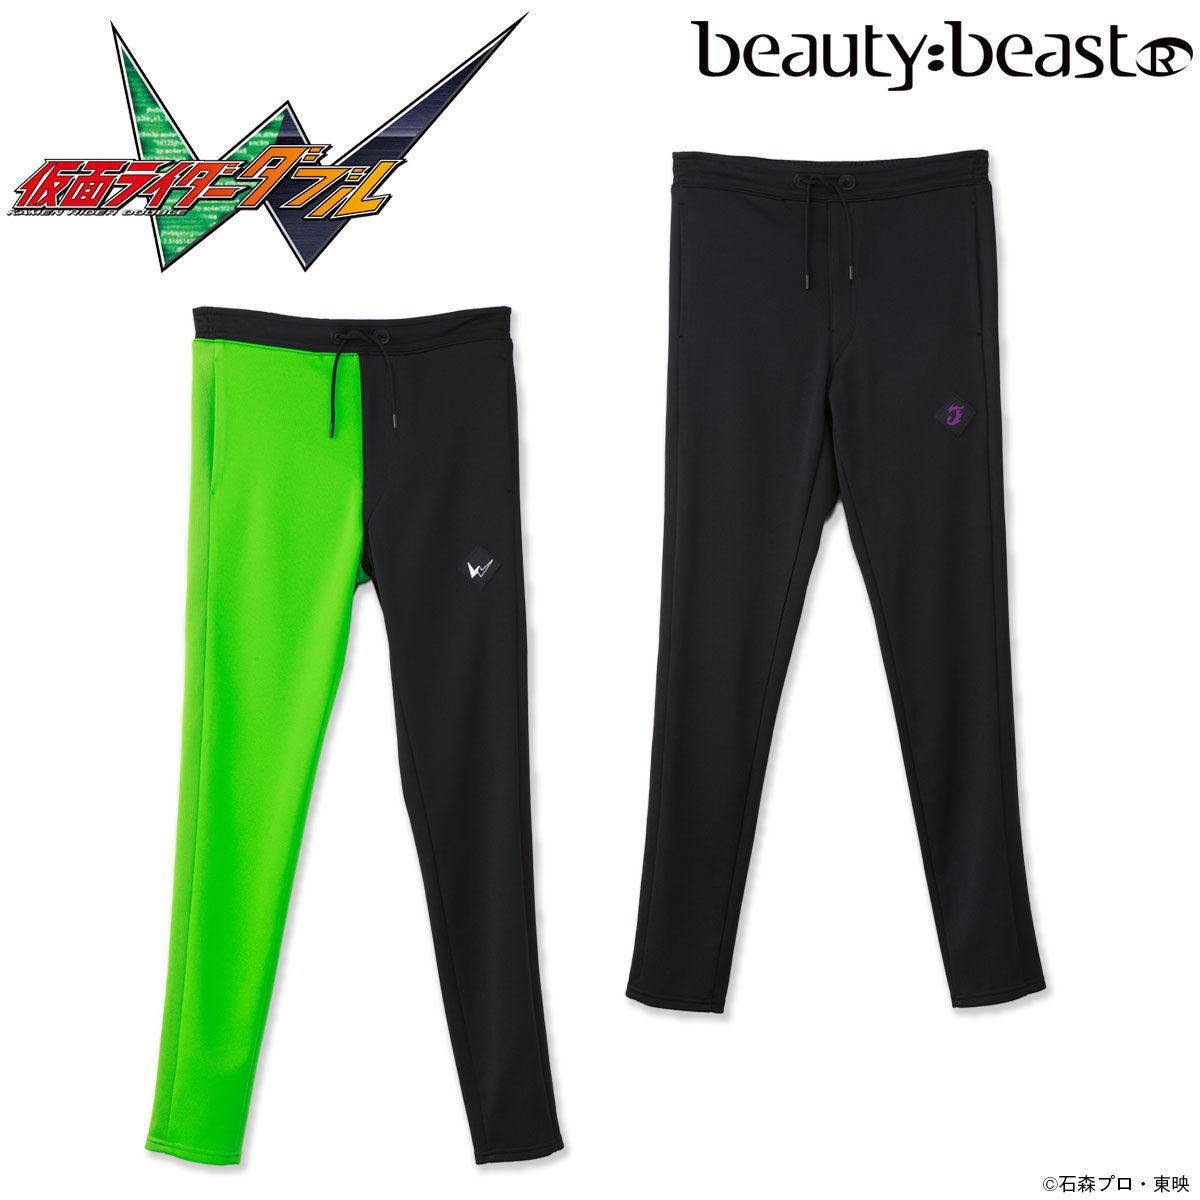 test ツイッターメディア - #仮面ライダーW × beauty:beast(ビューティビースト)  山下隆生がデザインする「beauty:beast」と「仮面ライダーW」のコラボレーション企画。 「beauty:beast」は、90年代のファッション・シーンを代表するブランド。  詳細はこちら⇒https://t.co/ZIxTHrqxod https://t.co/gC2BuNmfIn